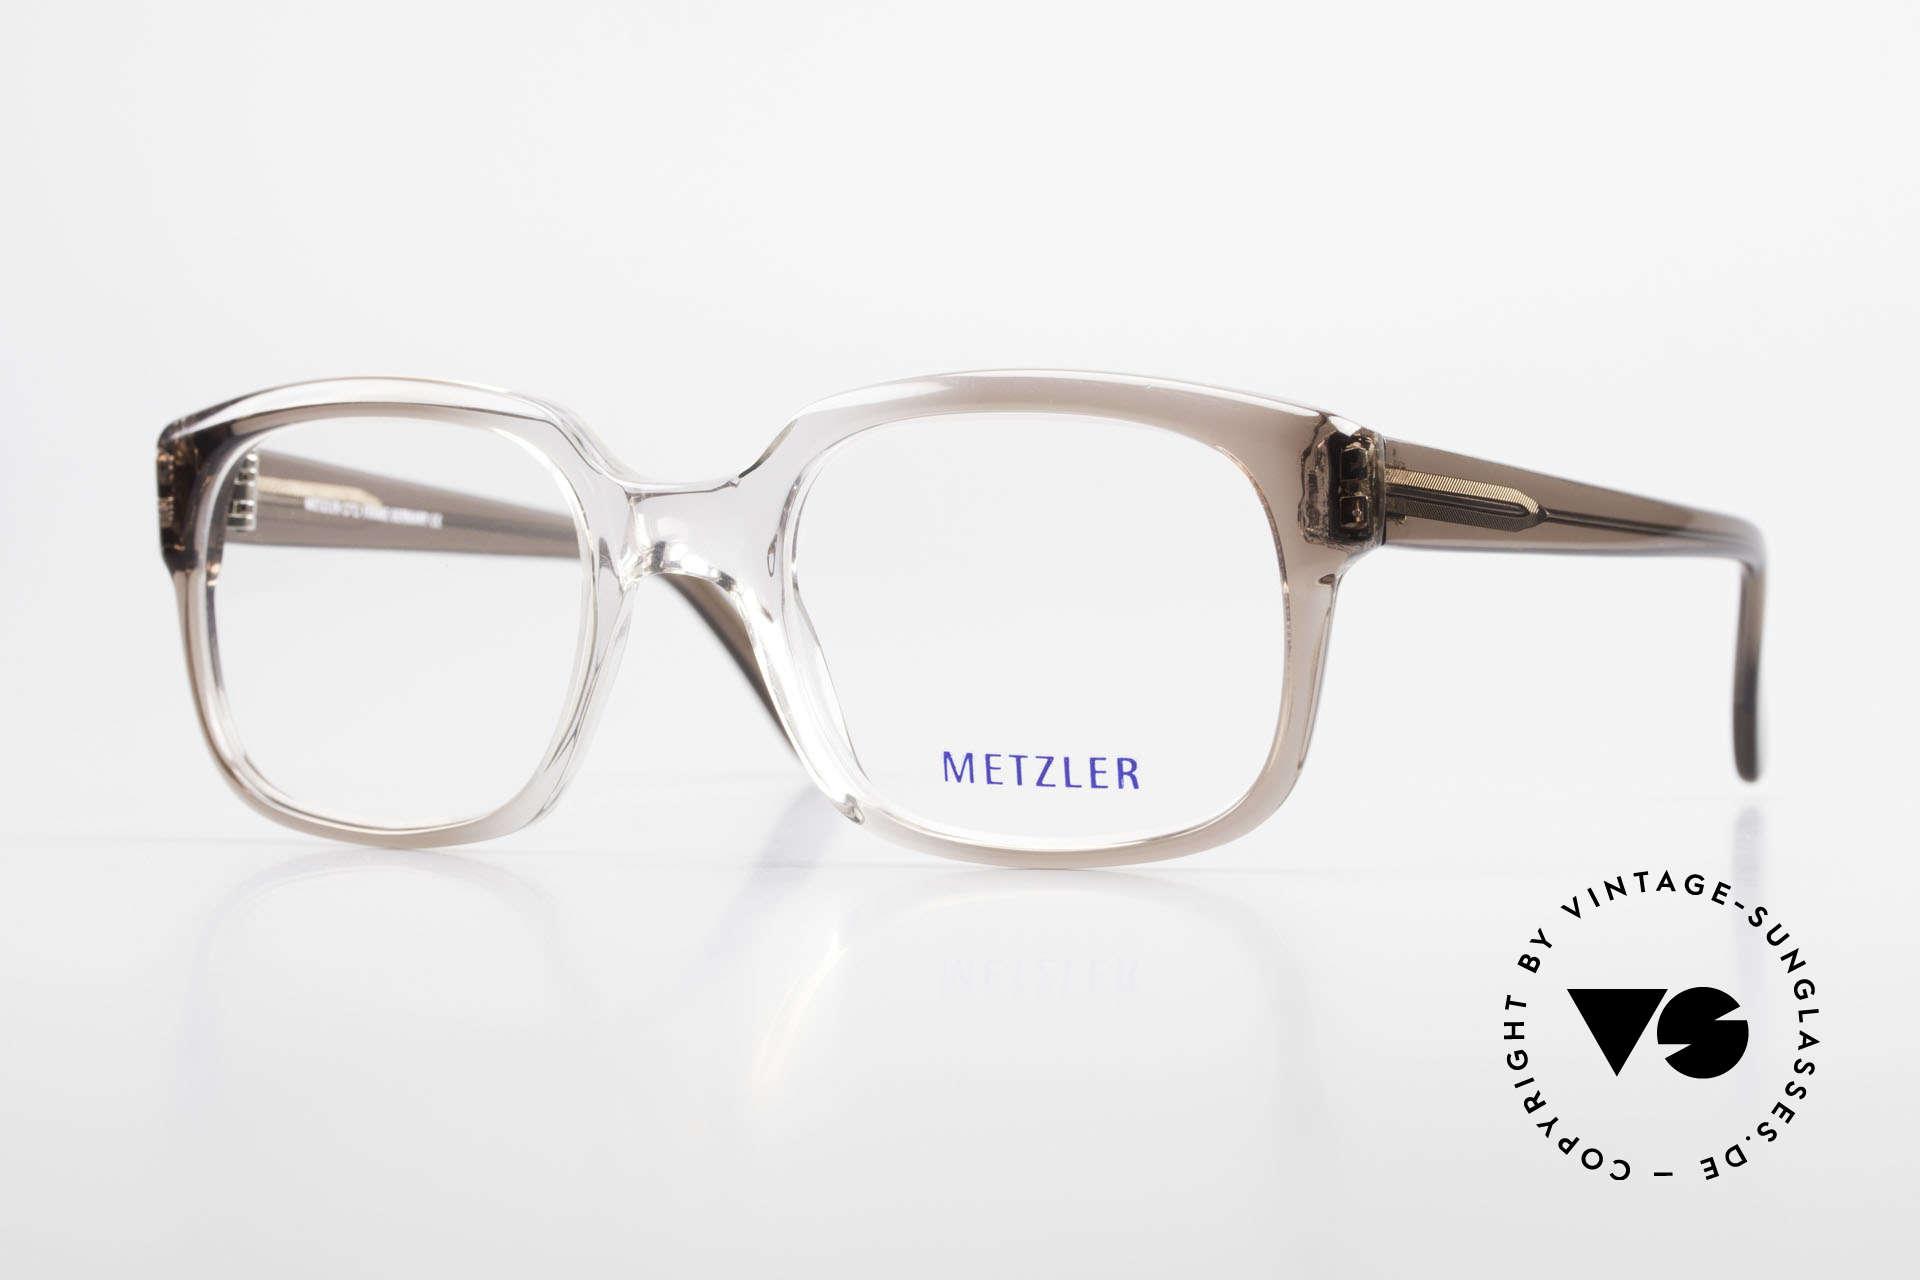 Metzler 7665 Medium Old School Brille 80er Jahre, Metzler VINTAGE Brille, 7665, in Gr. 54/22, 140, Passend für Herren